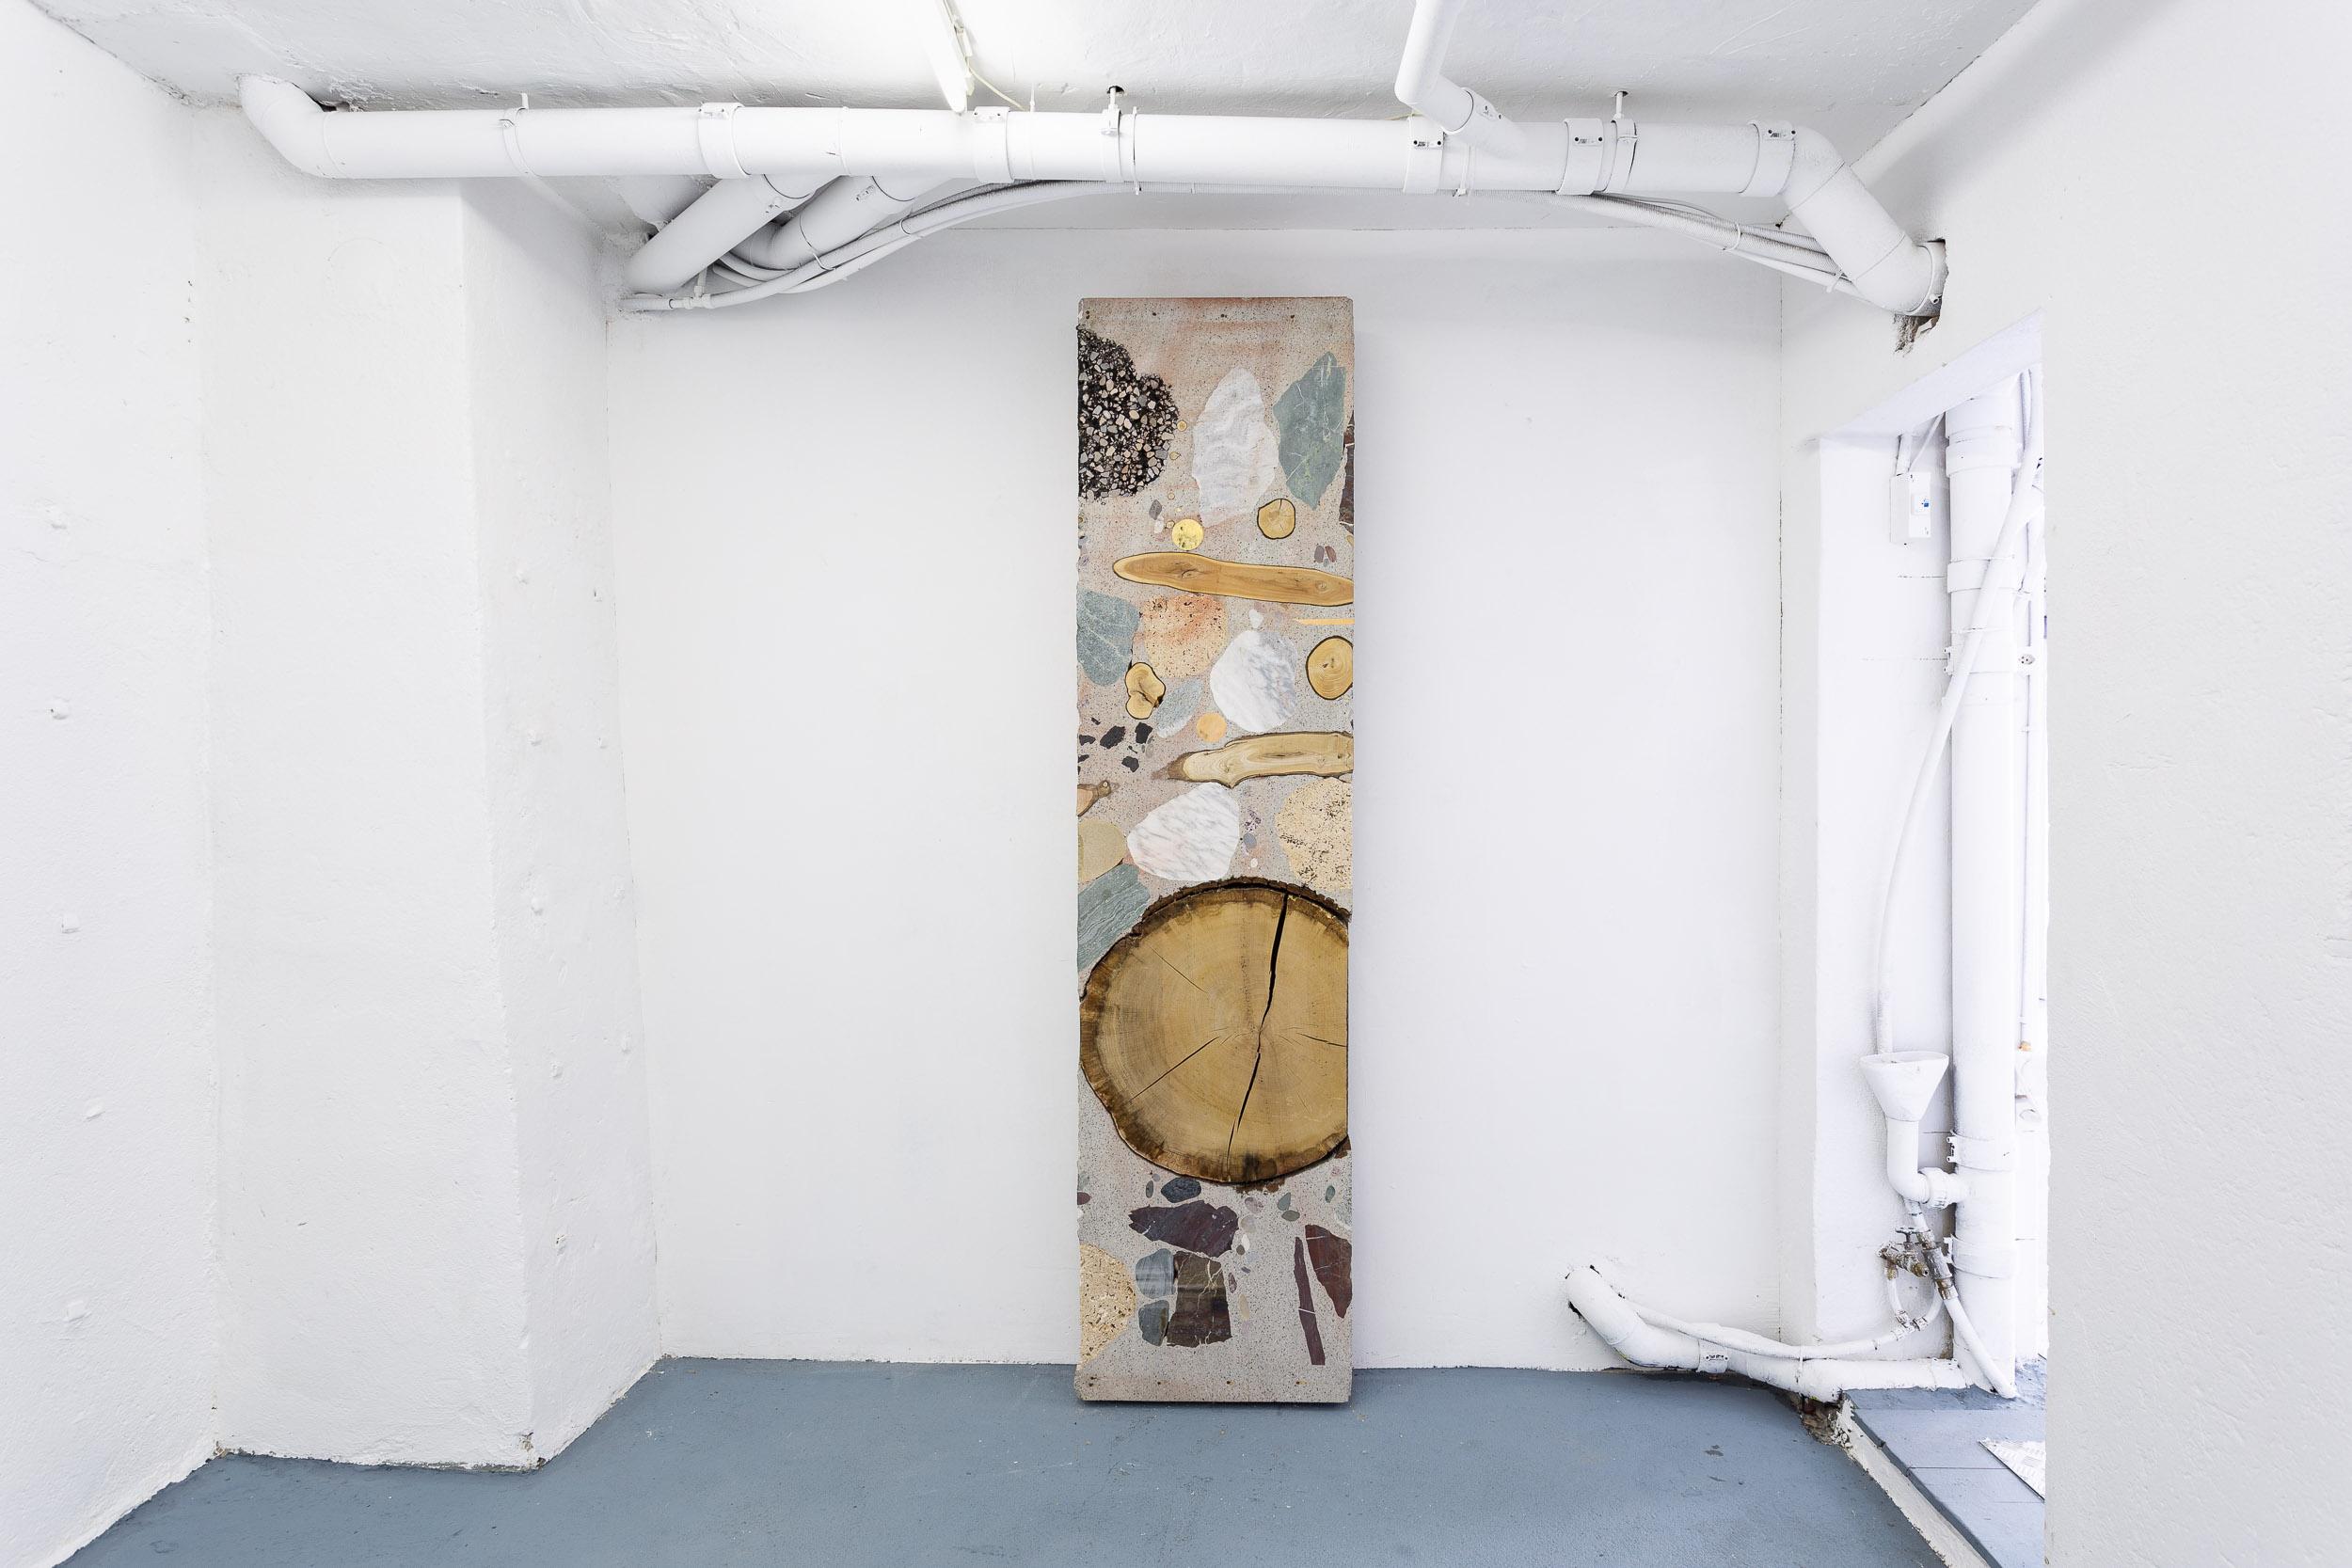 Katja Schenker,  Wie tief ist die Zeit? , 2017, concrete, misc. raw materials, 240 x 60 x 16 cm   Photo: Kilian Bannwart